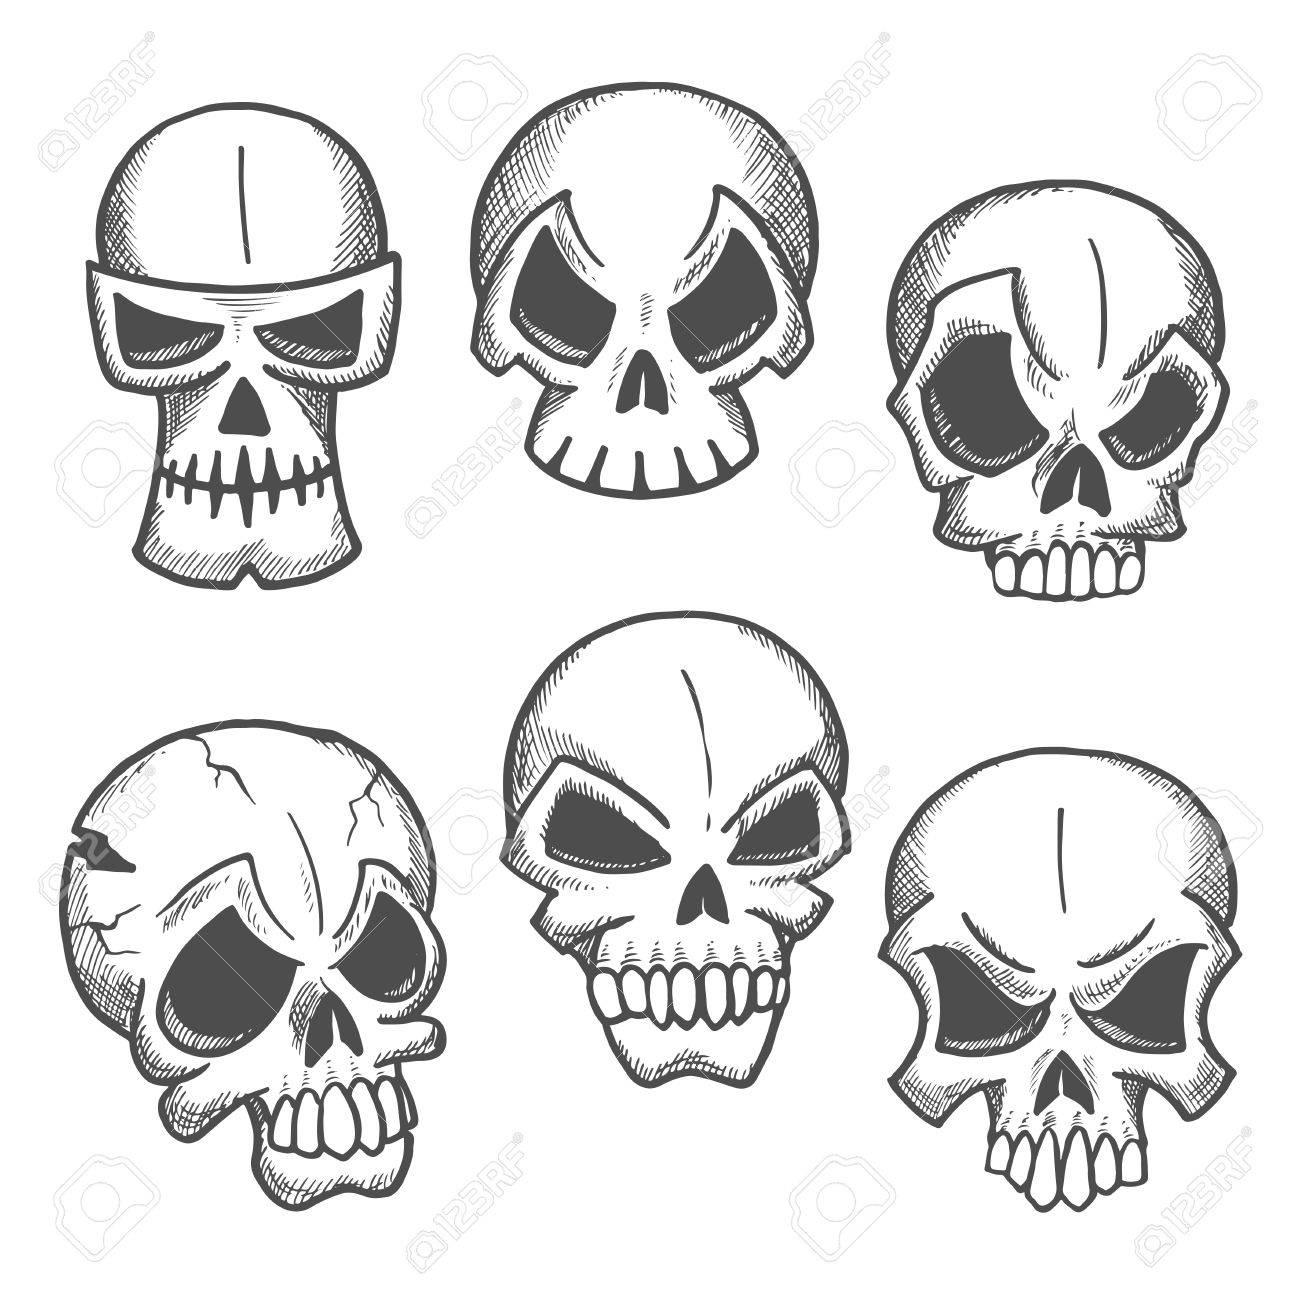 Künstlerische Skelett Schädel Skizzen Symbole. Abstrakte ...